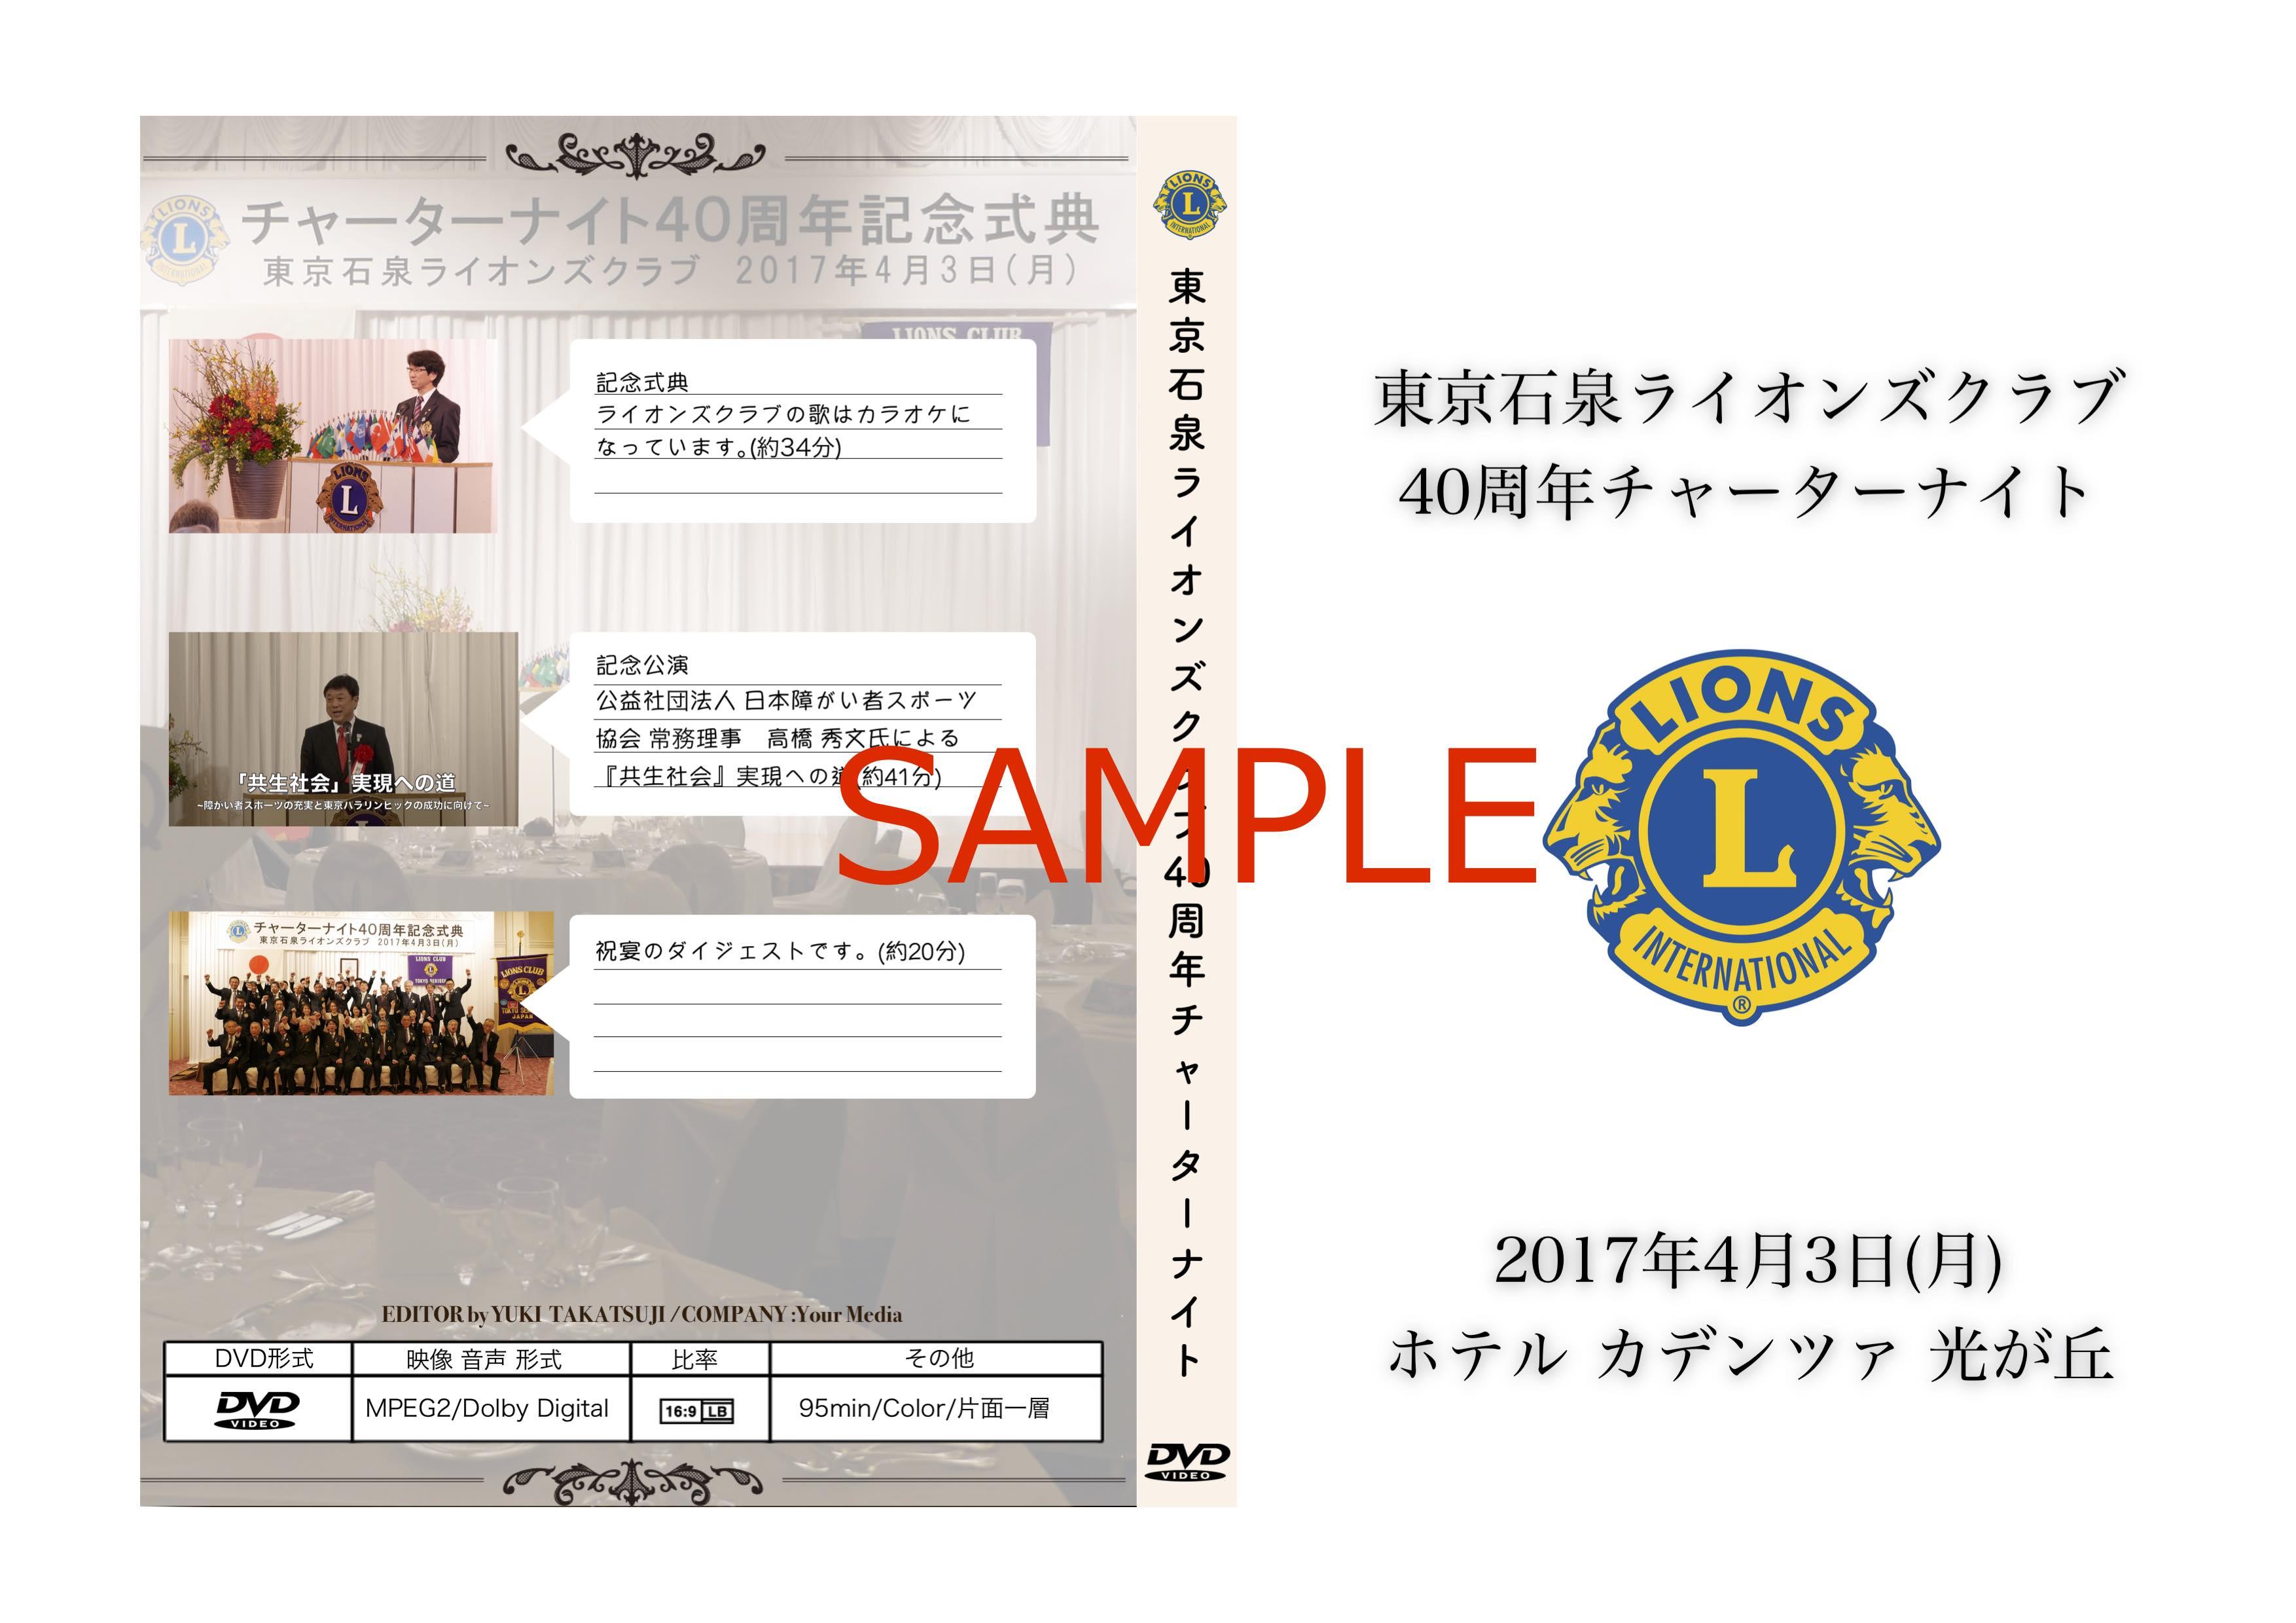 DVDジャケットライオンズクラブ